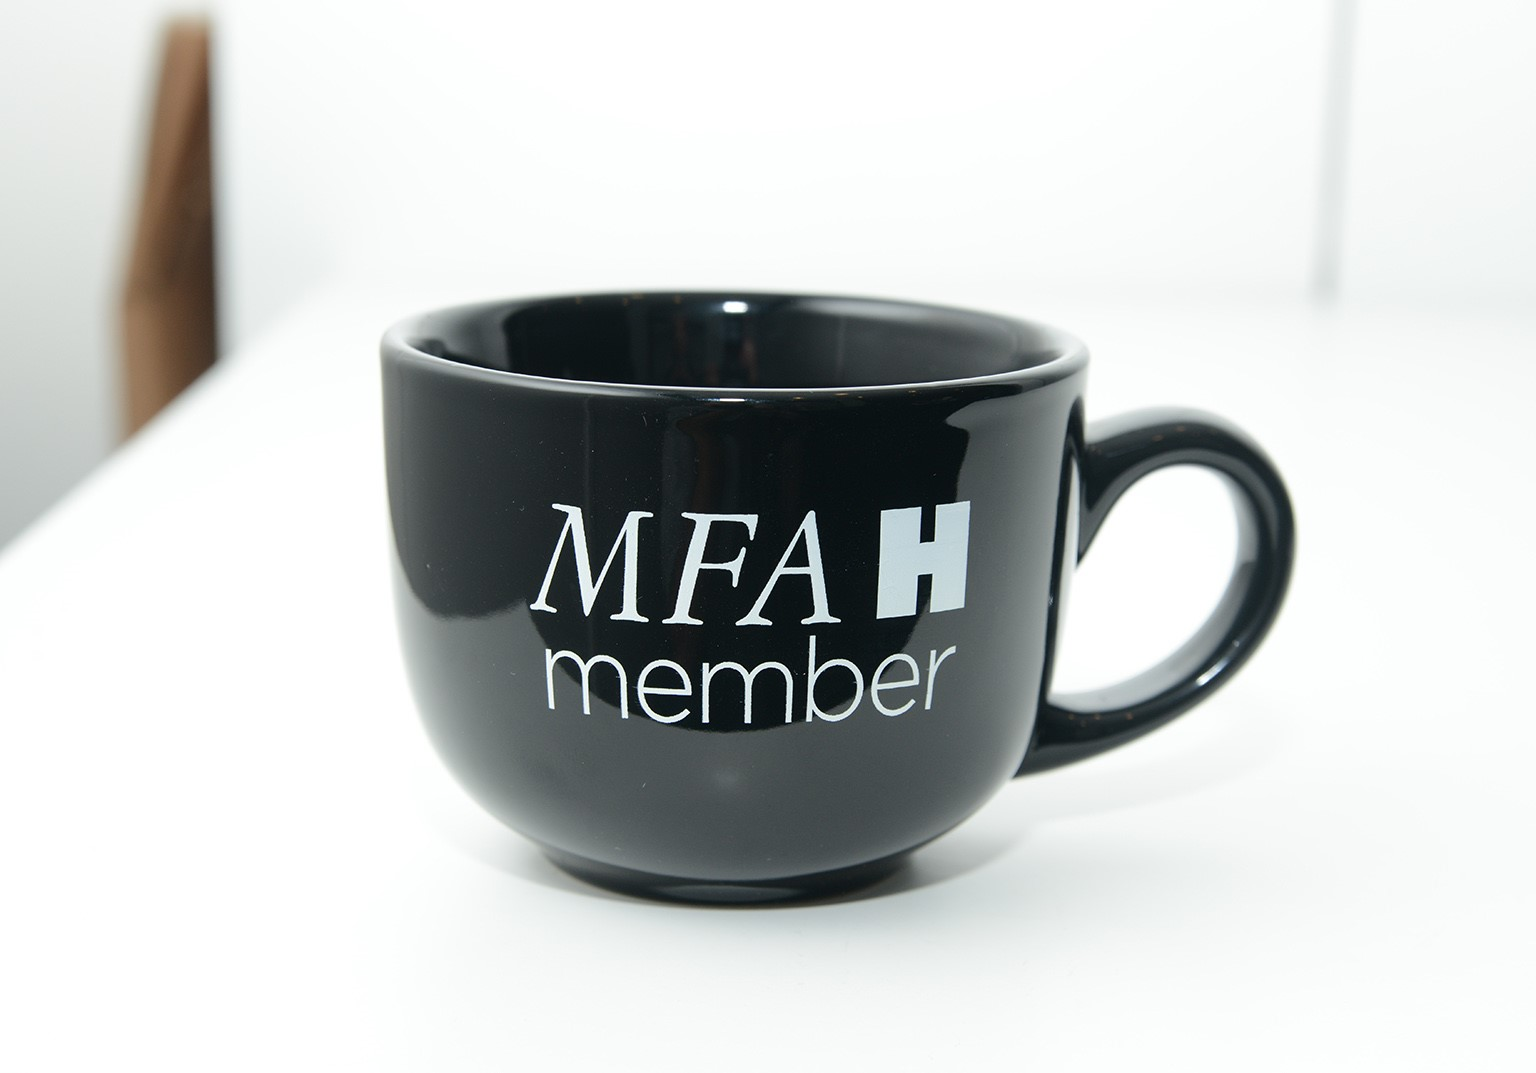 mfah members mug